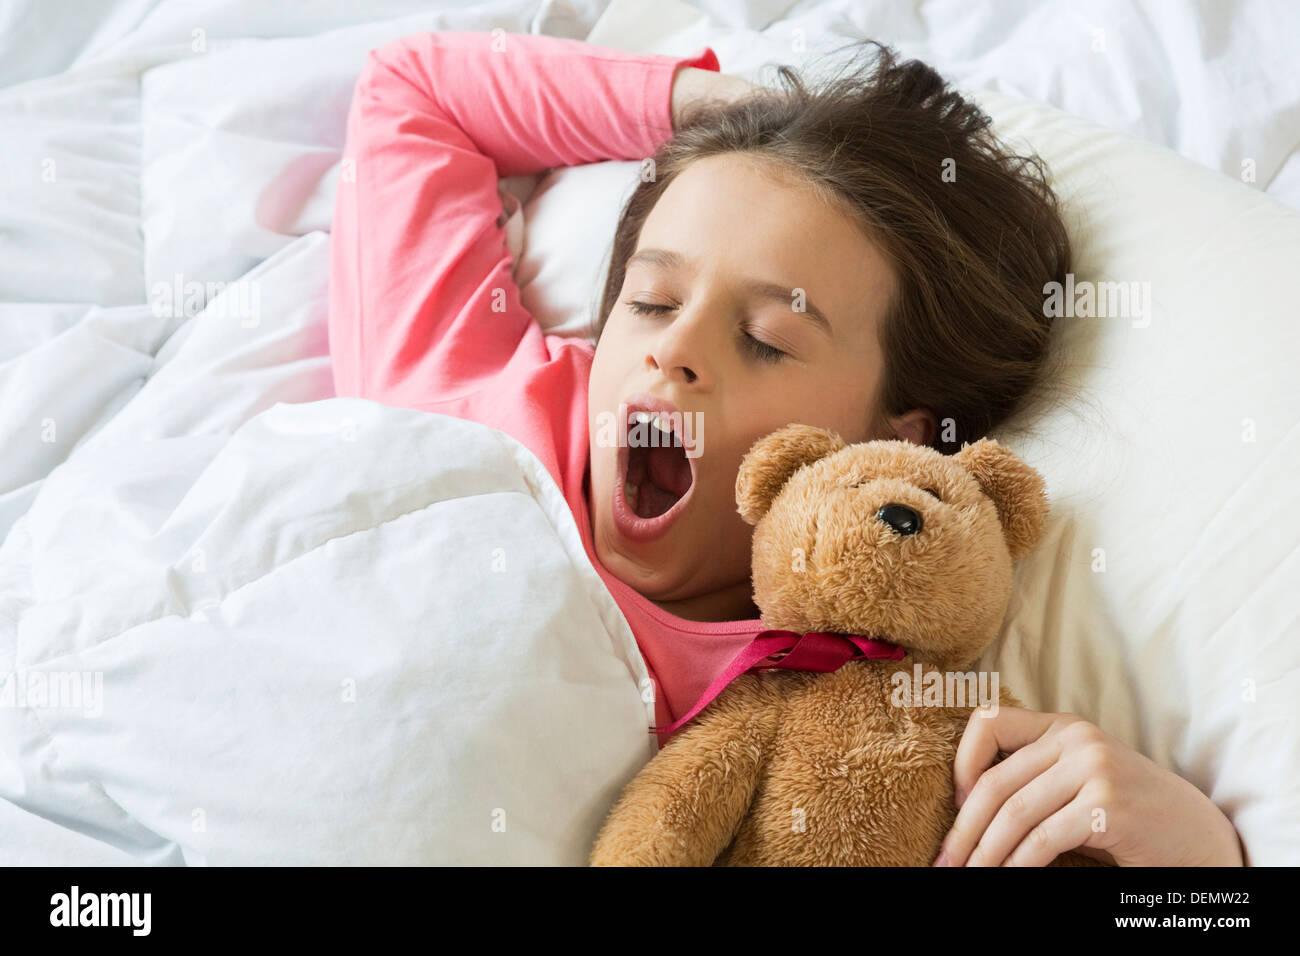 Ragazza giovane svegliarsi a sbadigliare a letto Immagini Stock